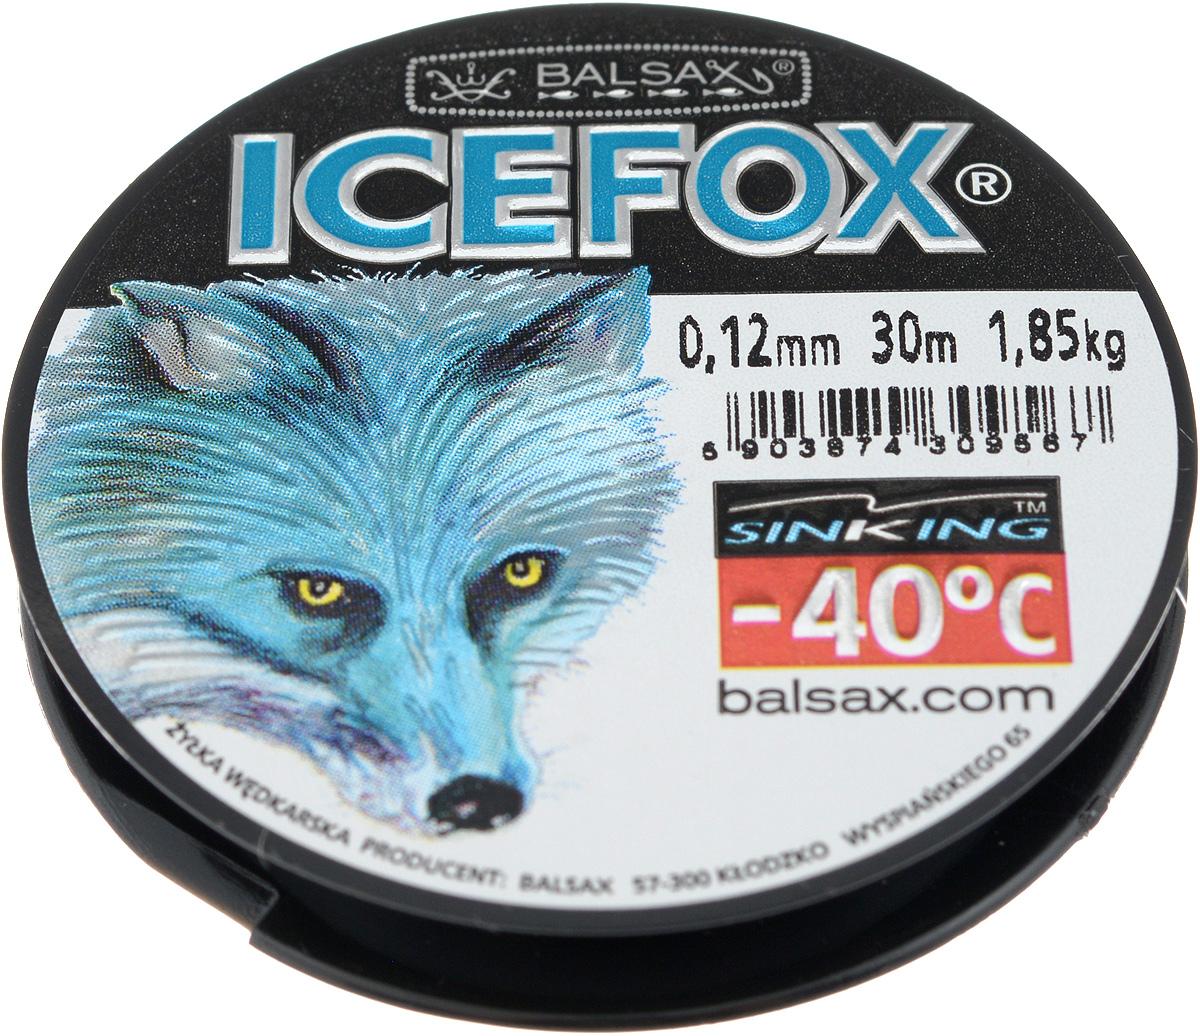 Леска зимняя Balsax Ice Fox, 30 м, 0,12 мм, 1,85 кг59287Леска Balsax Ice Fox изготовлена из 100% нейлона и очень хорошо выдерживает низкие температуры. Даже в самом холодном климате, при температуре вплоть до -40°C, она сохраняет свои свойства практически без изменений, в то время как традиционные лески становятся менее эластичными и теряют прочность.Поверхность лески обработана таким образом, что она не обмерзает и отлично подходит для подледного лова. Прочна в местах вязки узлов даже при минимальном диаметре.